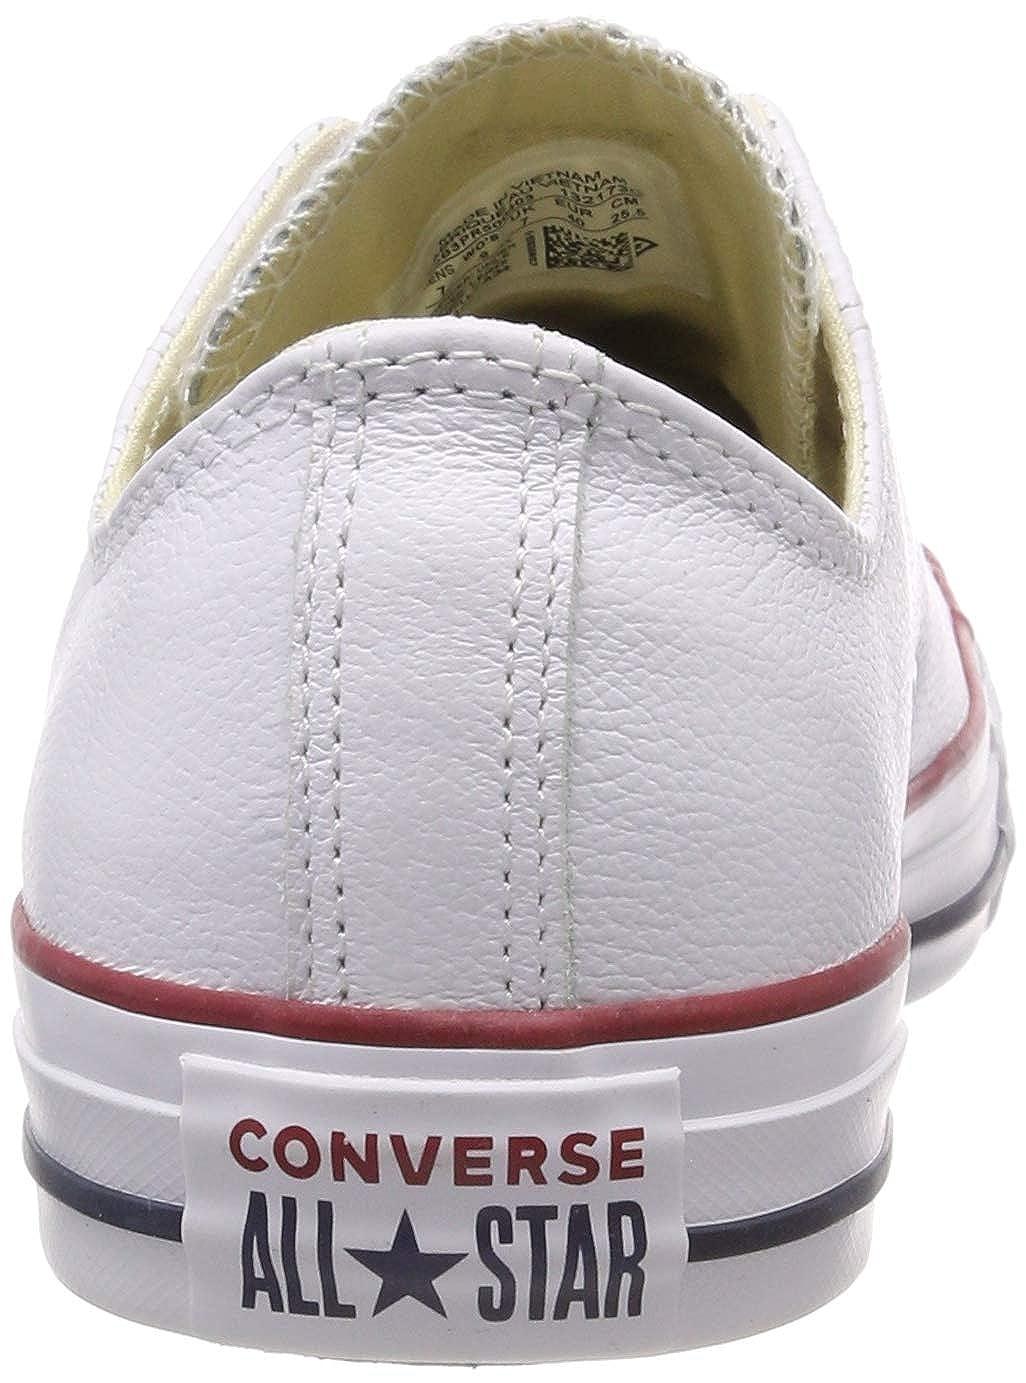 Converse Chuck Taylor Core Lea Ox 246270-55-3 - Zapatillas para Mujer: Amazon.es: Zapatos y complementos